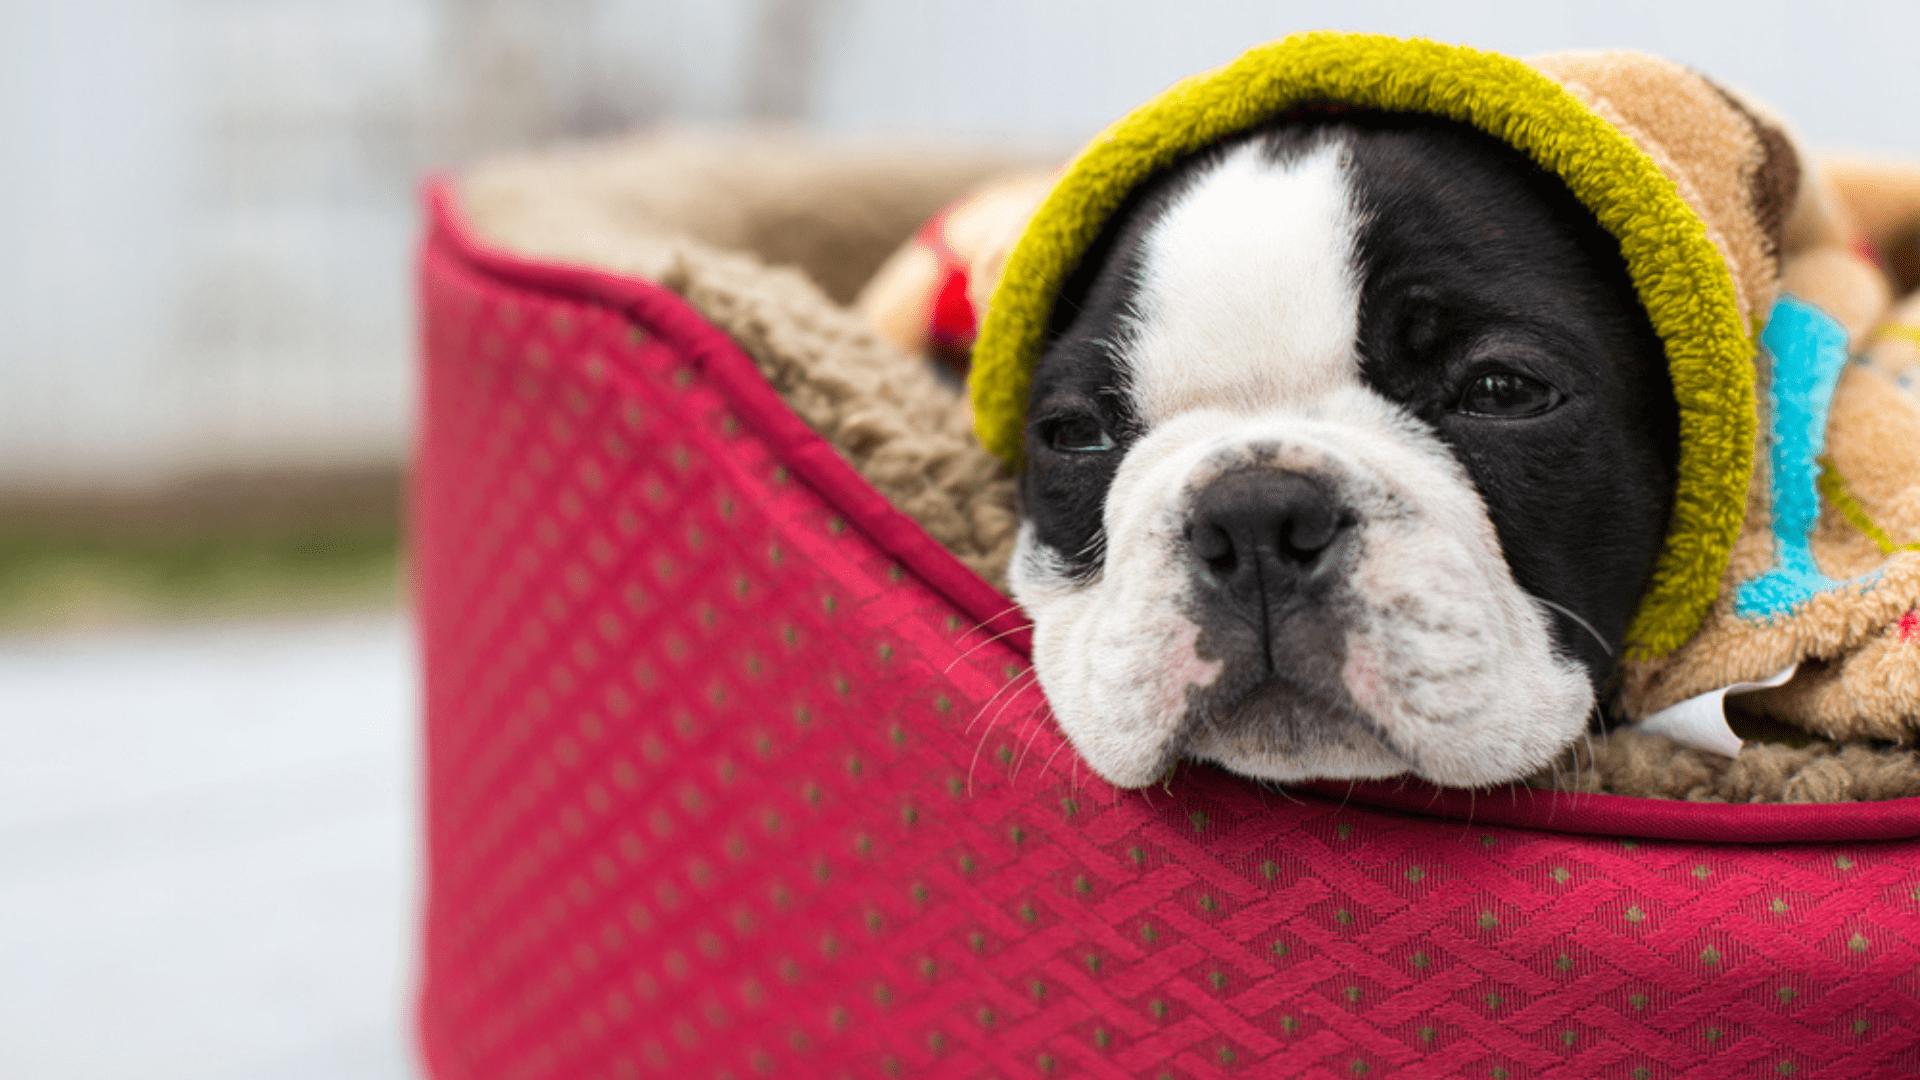 Camas de pelúcia são aconselhadas a cachorros que vivem em locais mais frios (Reprodução/Shutterstock)